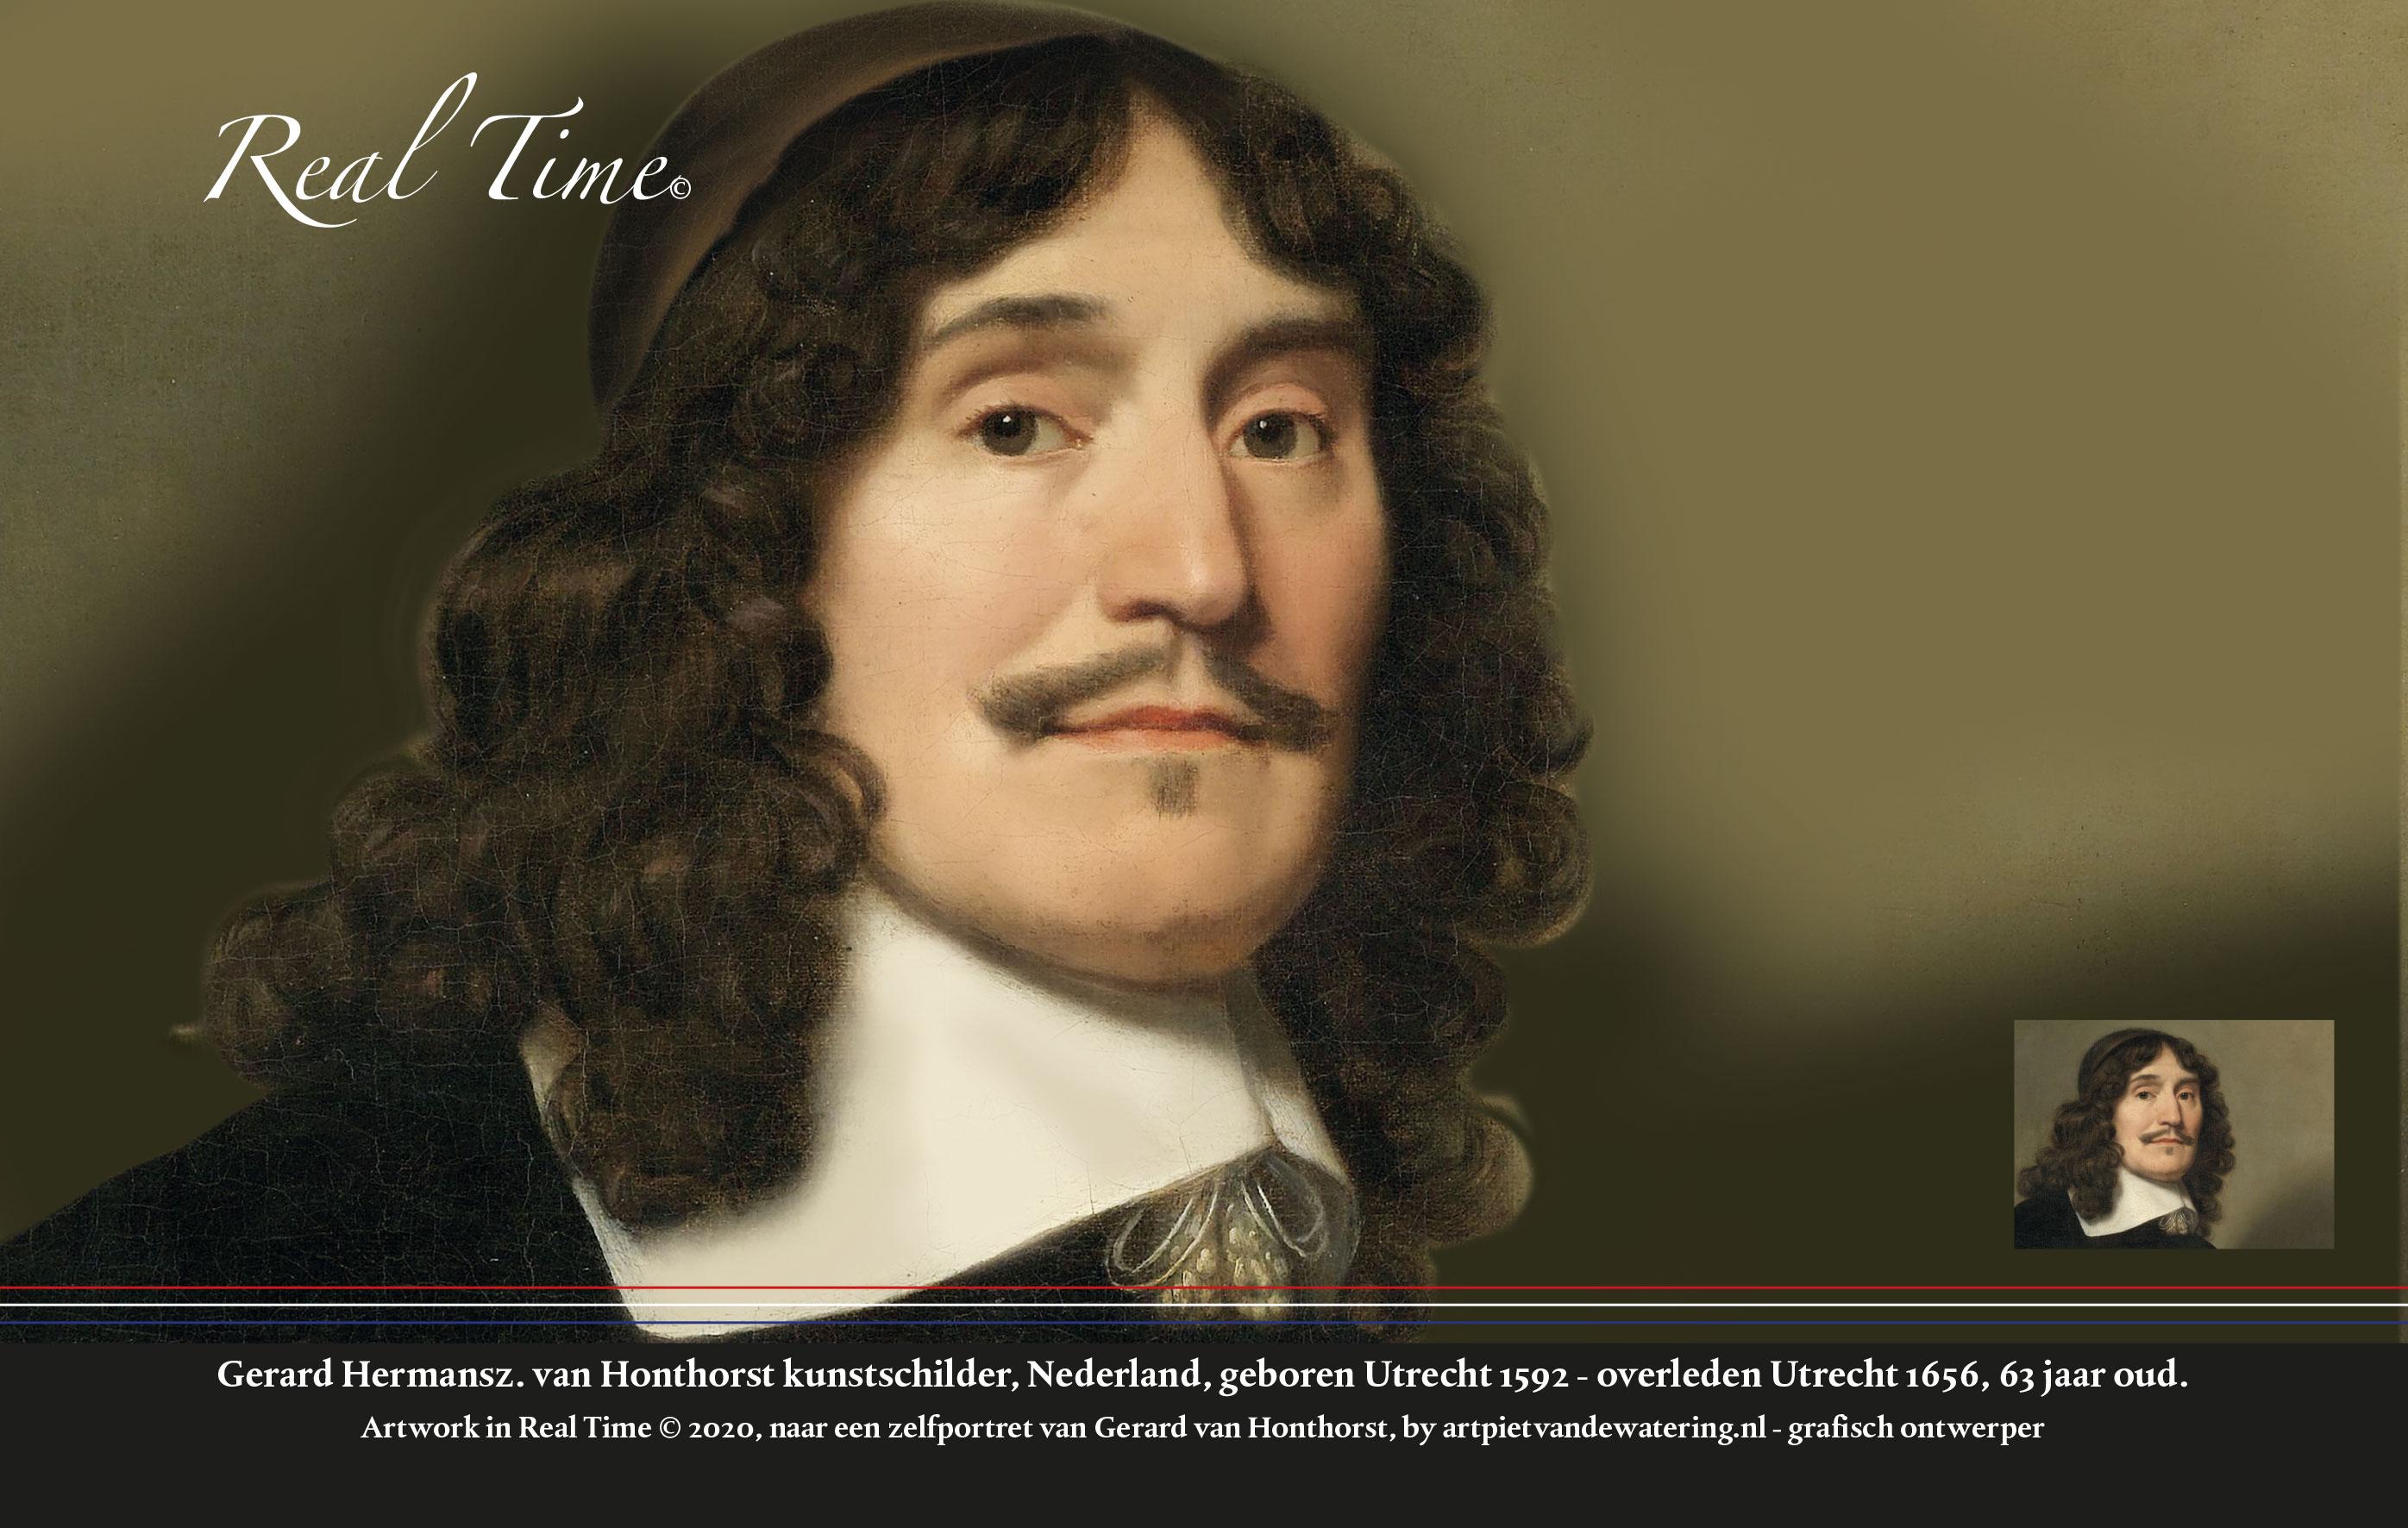 Gerard-H-v-Honthorst-1592-1656